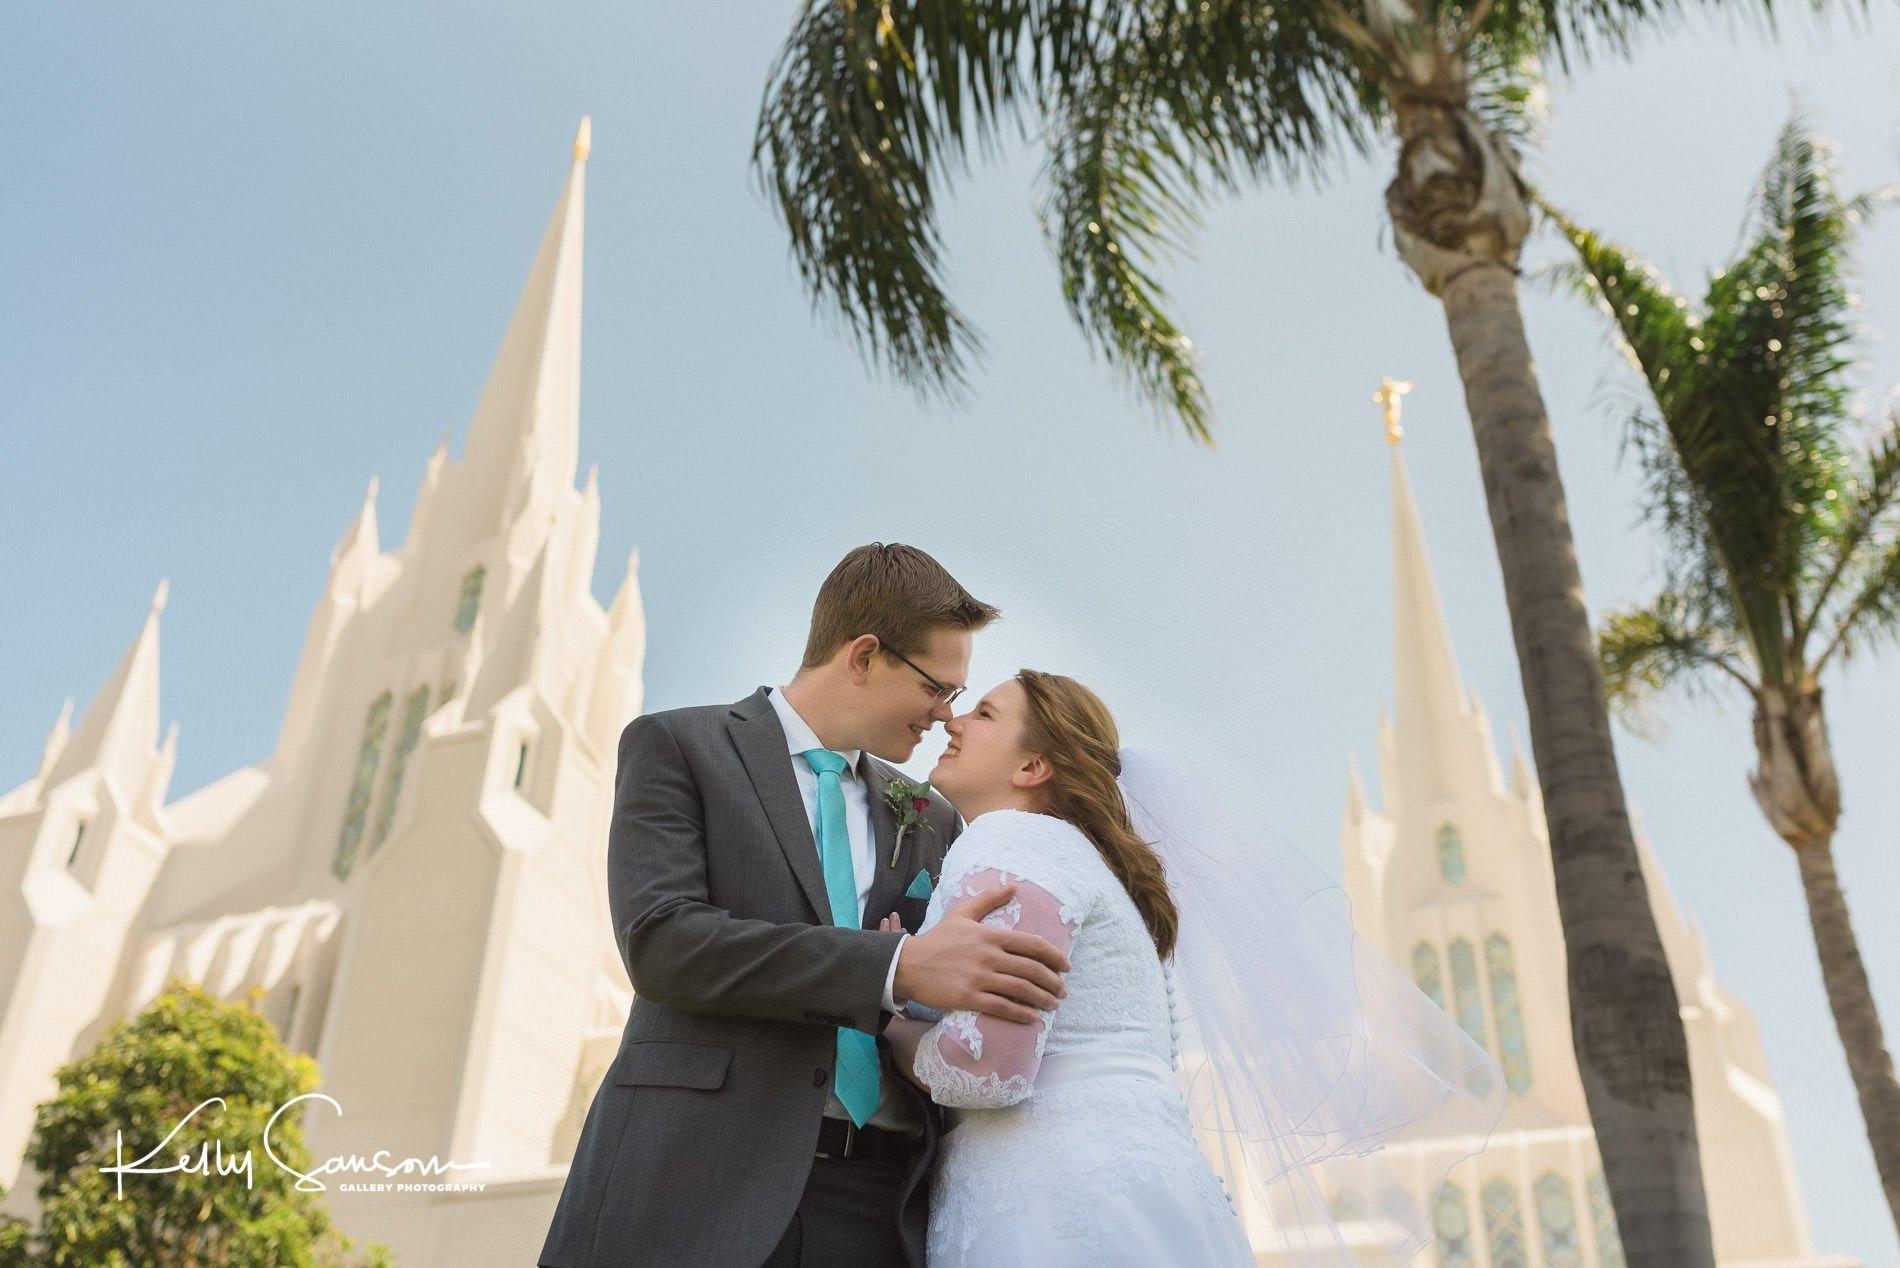 wedding photography san diego temple tom hams lighthouse-7